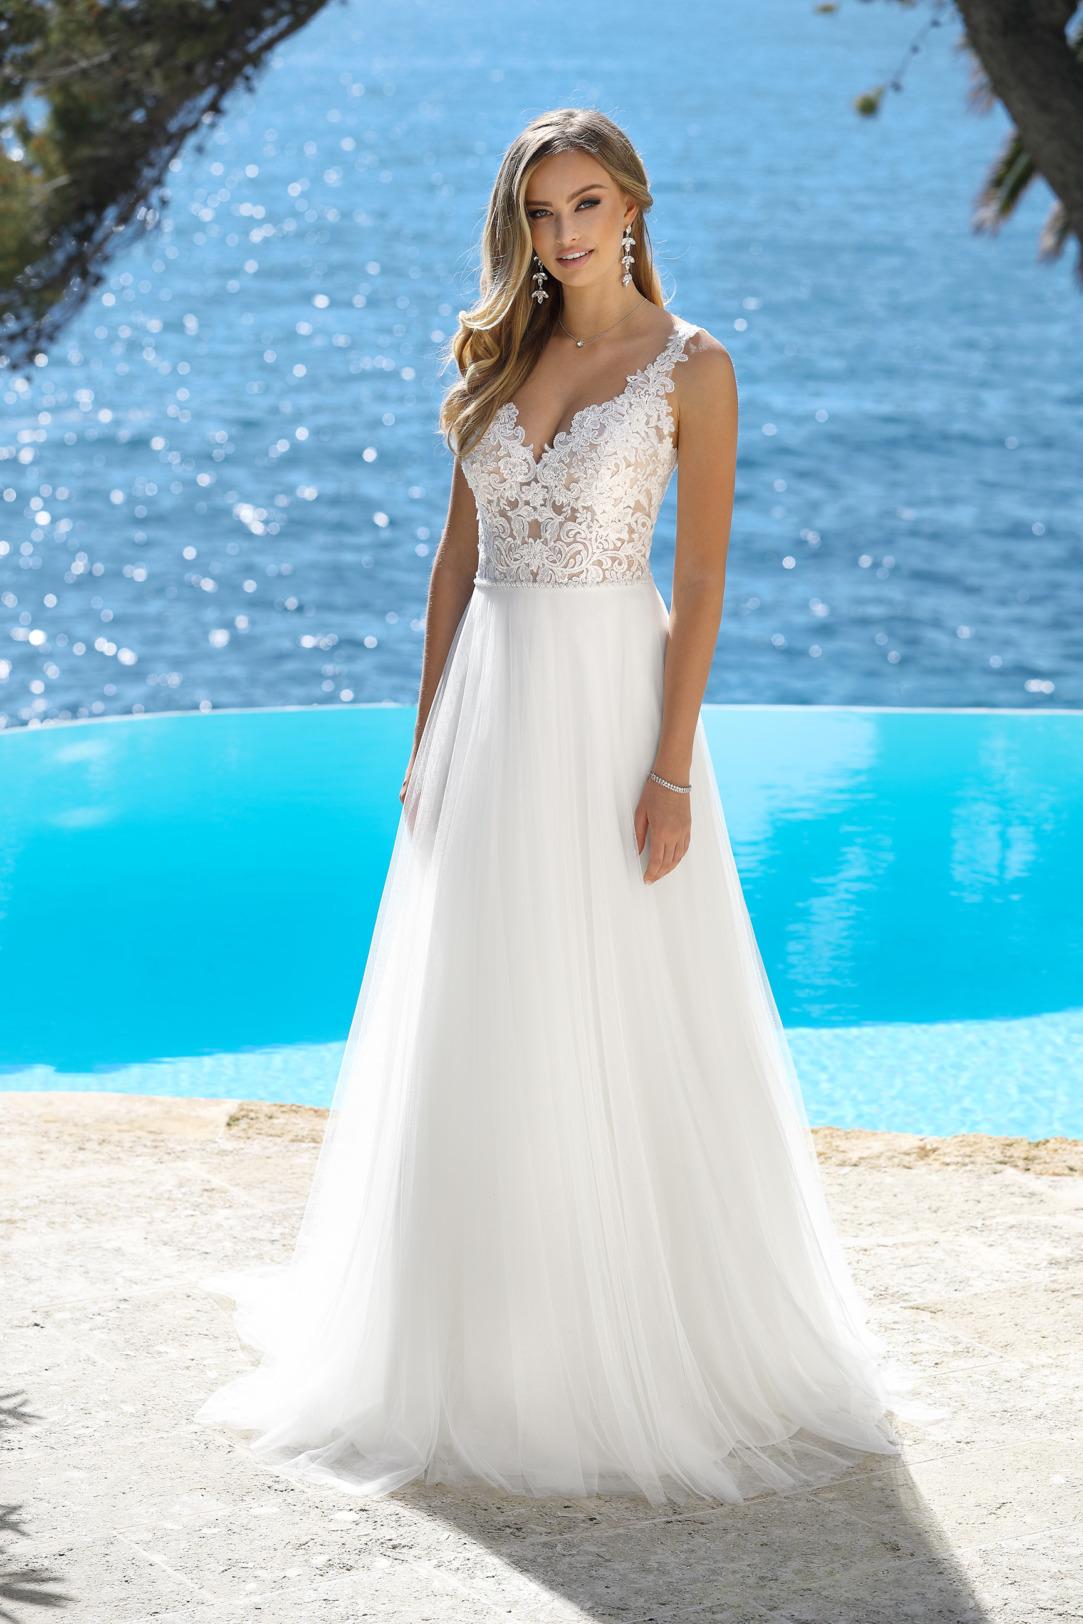 Brautkleider Hochzeitskleider Ladybird Empire Stil Style Form Spitze lang schlicht Vintage mit V Ausschnitt Spitzen Träger Softtüll Rock Ansicht vorne